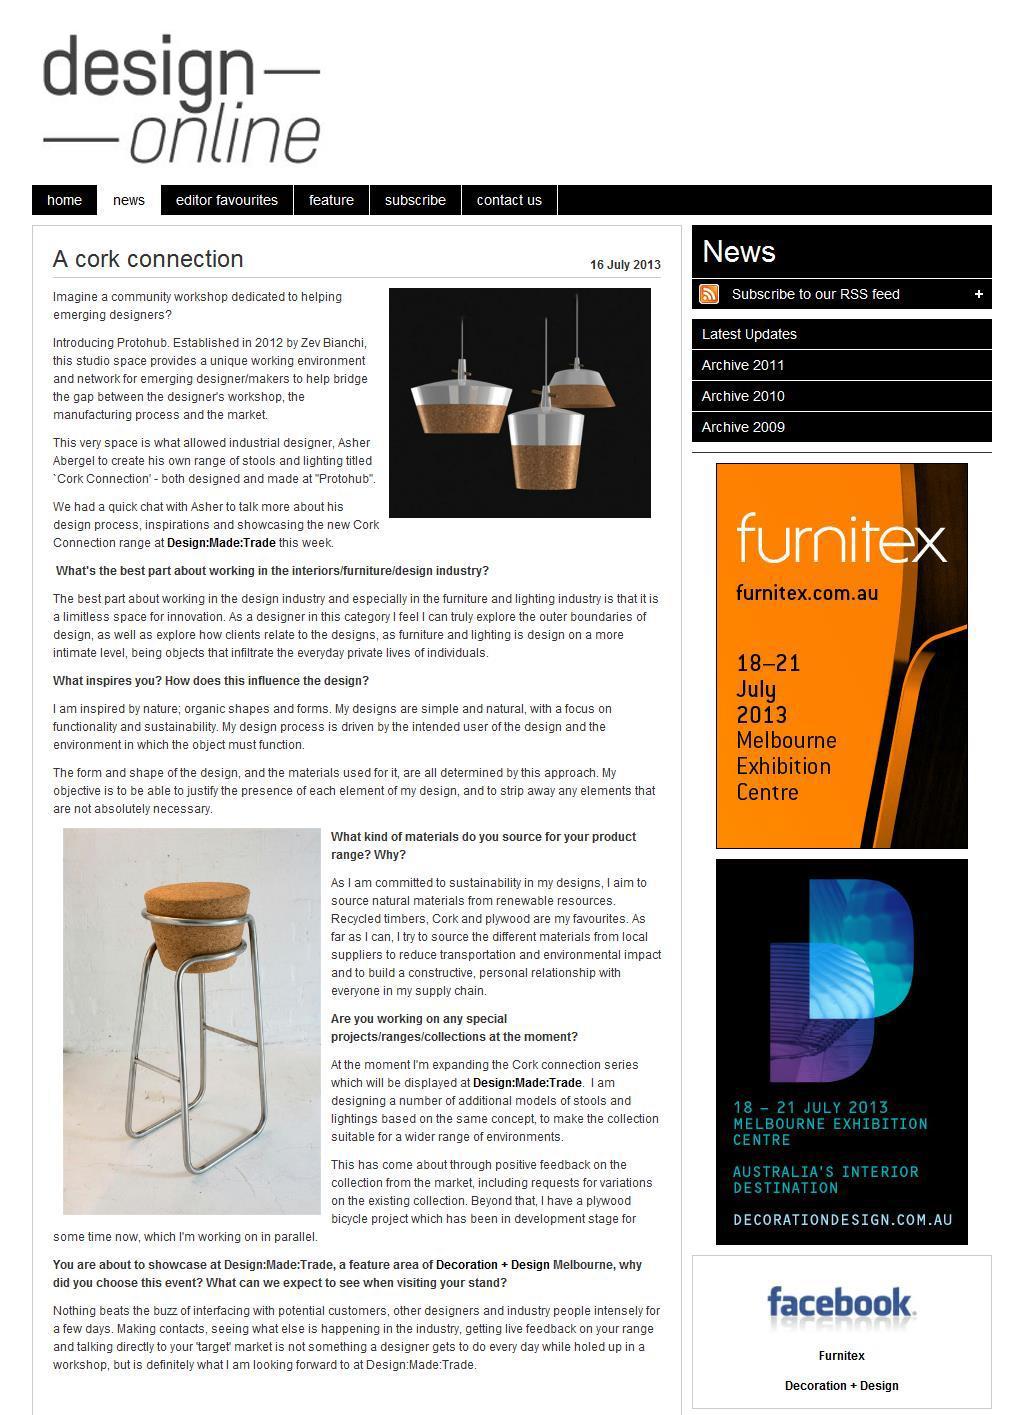 Design Online, July 2013